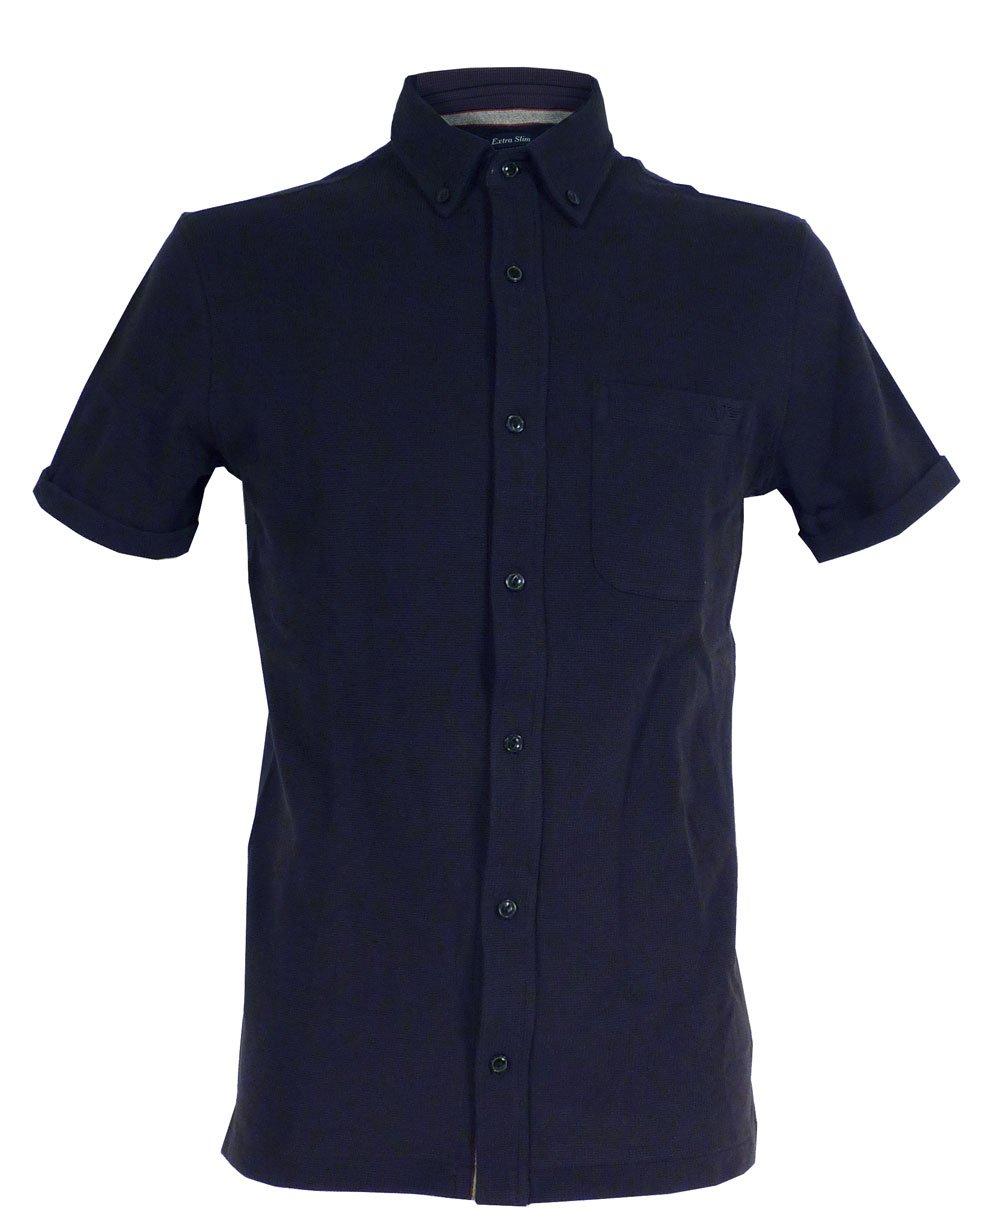 Armani Jeans Armani Jeans Dark Blue Extra Slim Fit Shirt